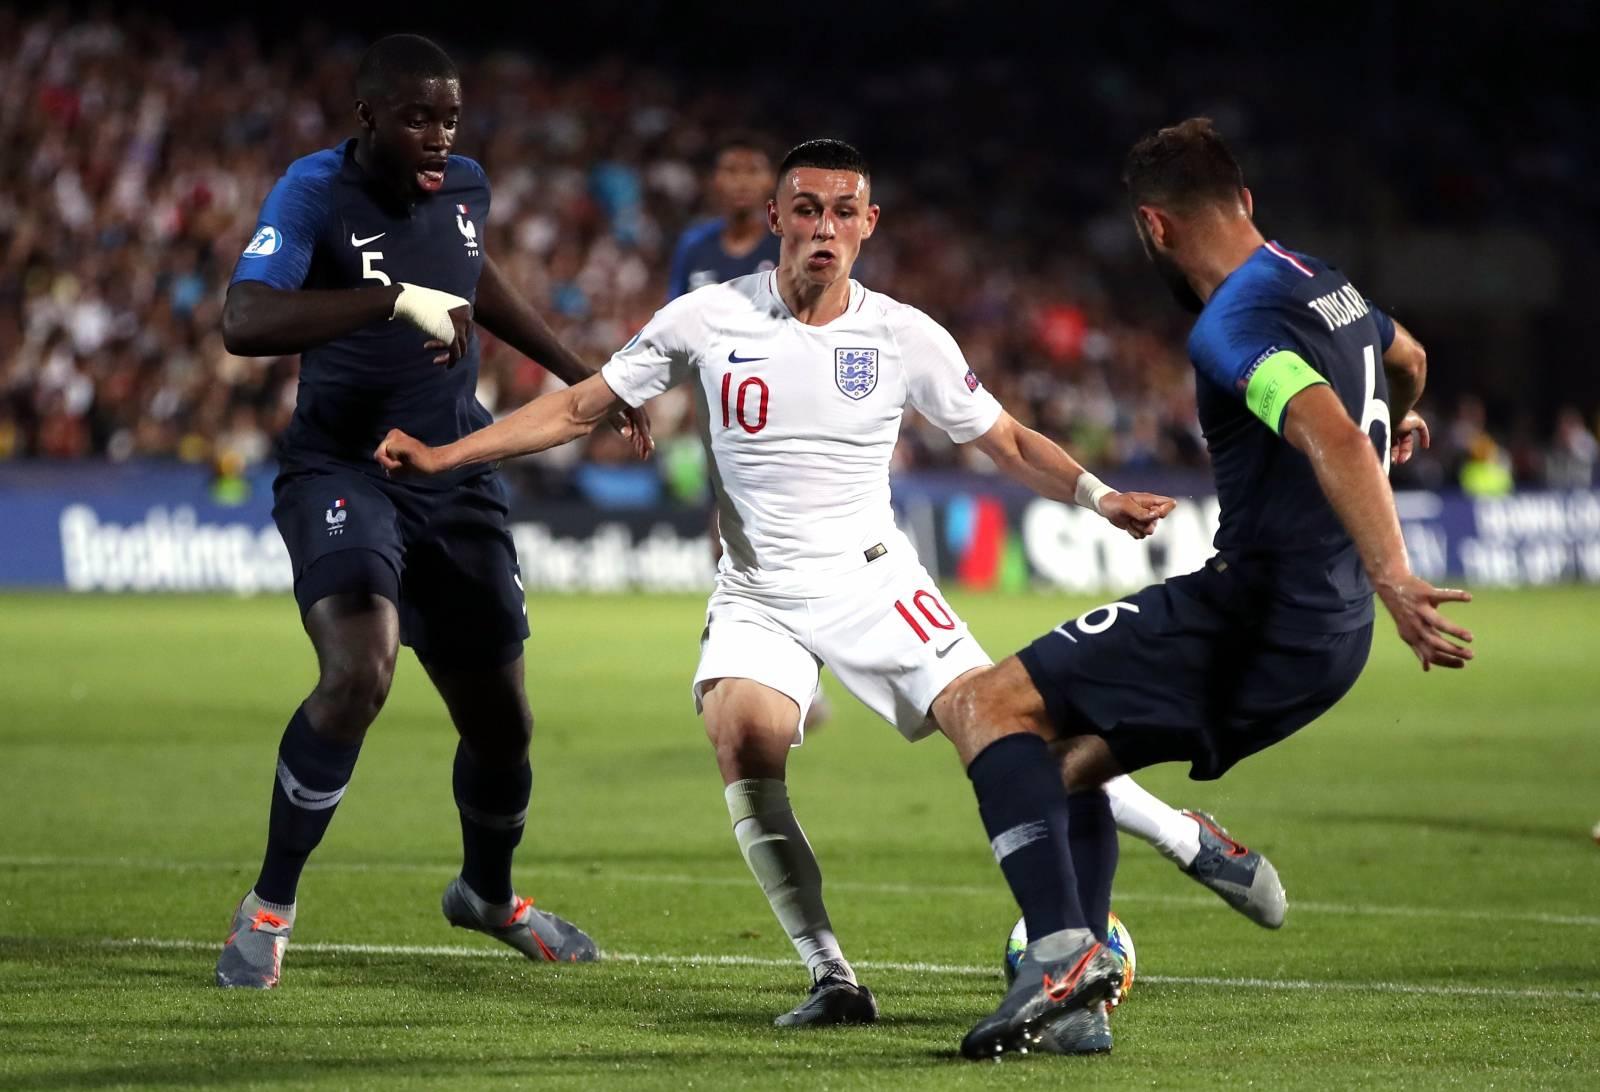 England U21 v France U21 - UEFA European Under-21 Championship - Group C - Dino Manuzzi